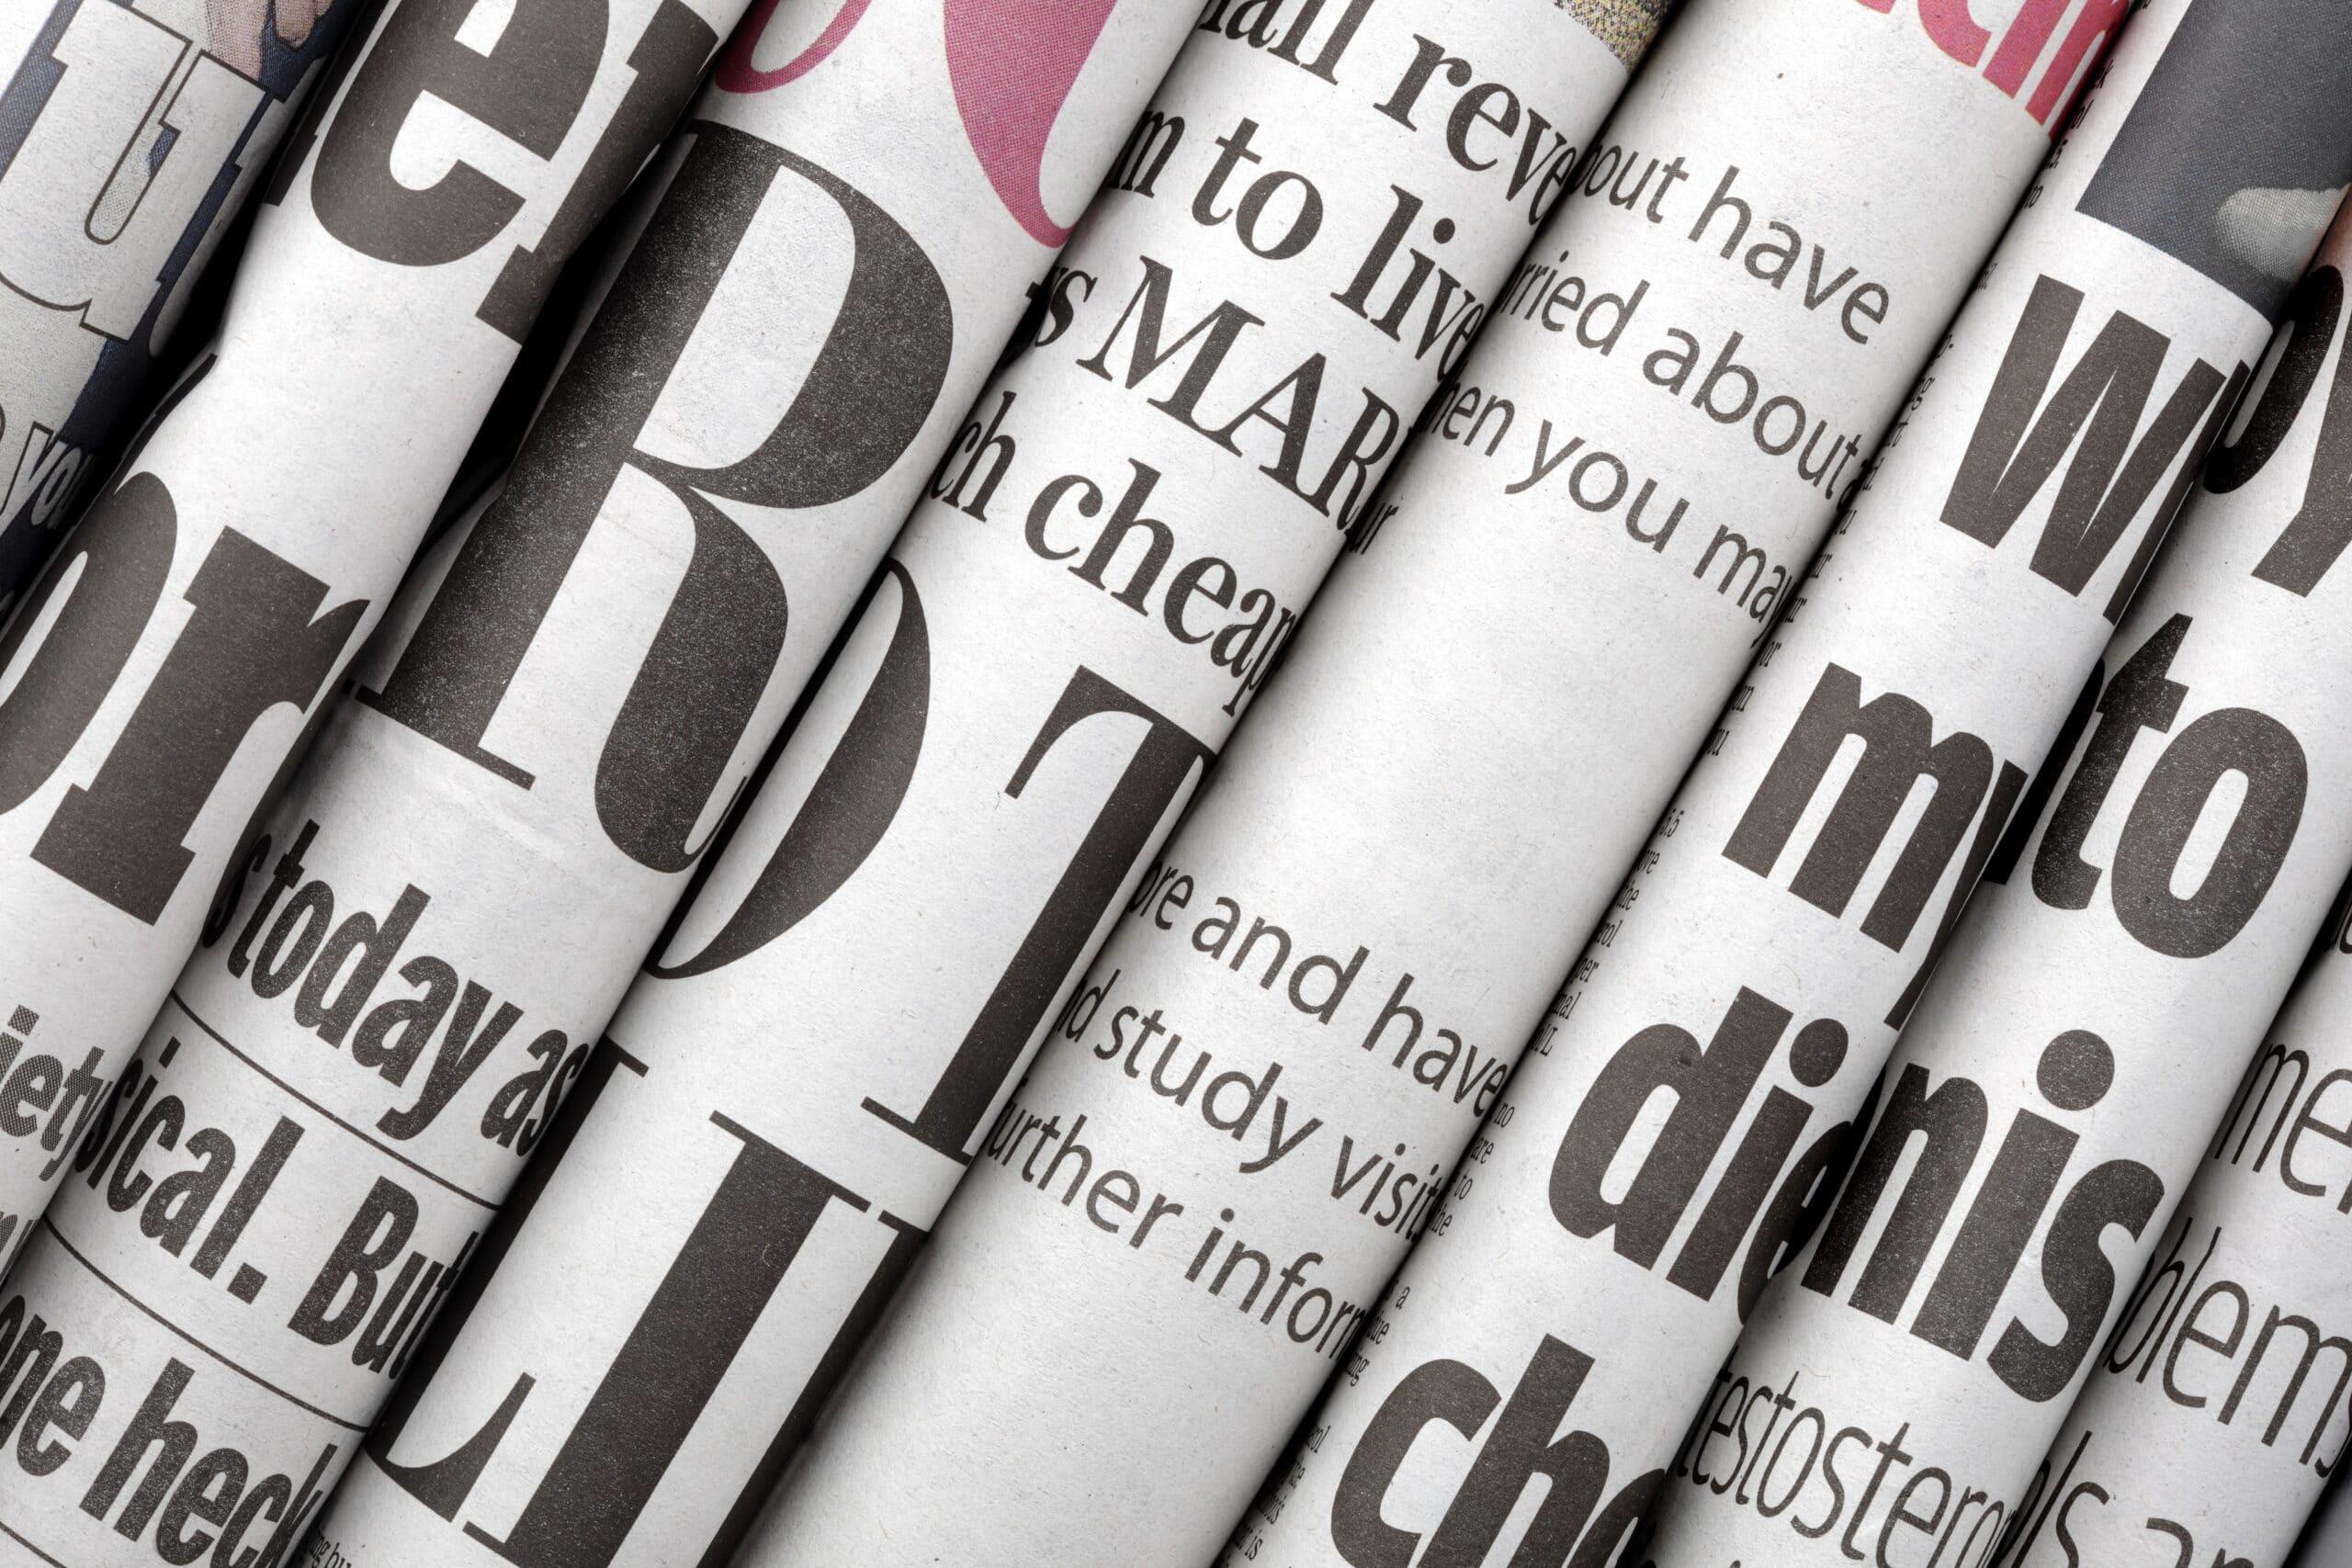 2019 News Roundup